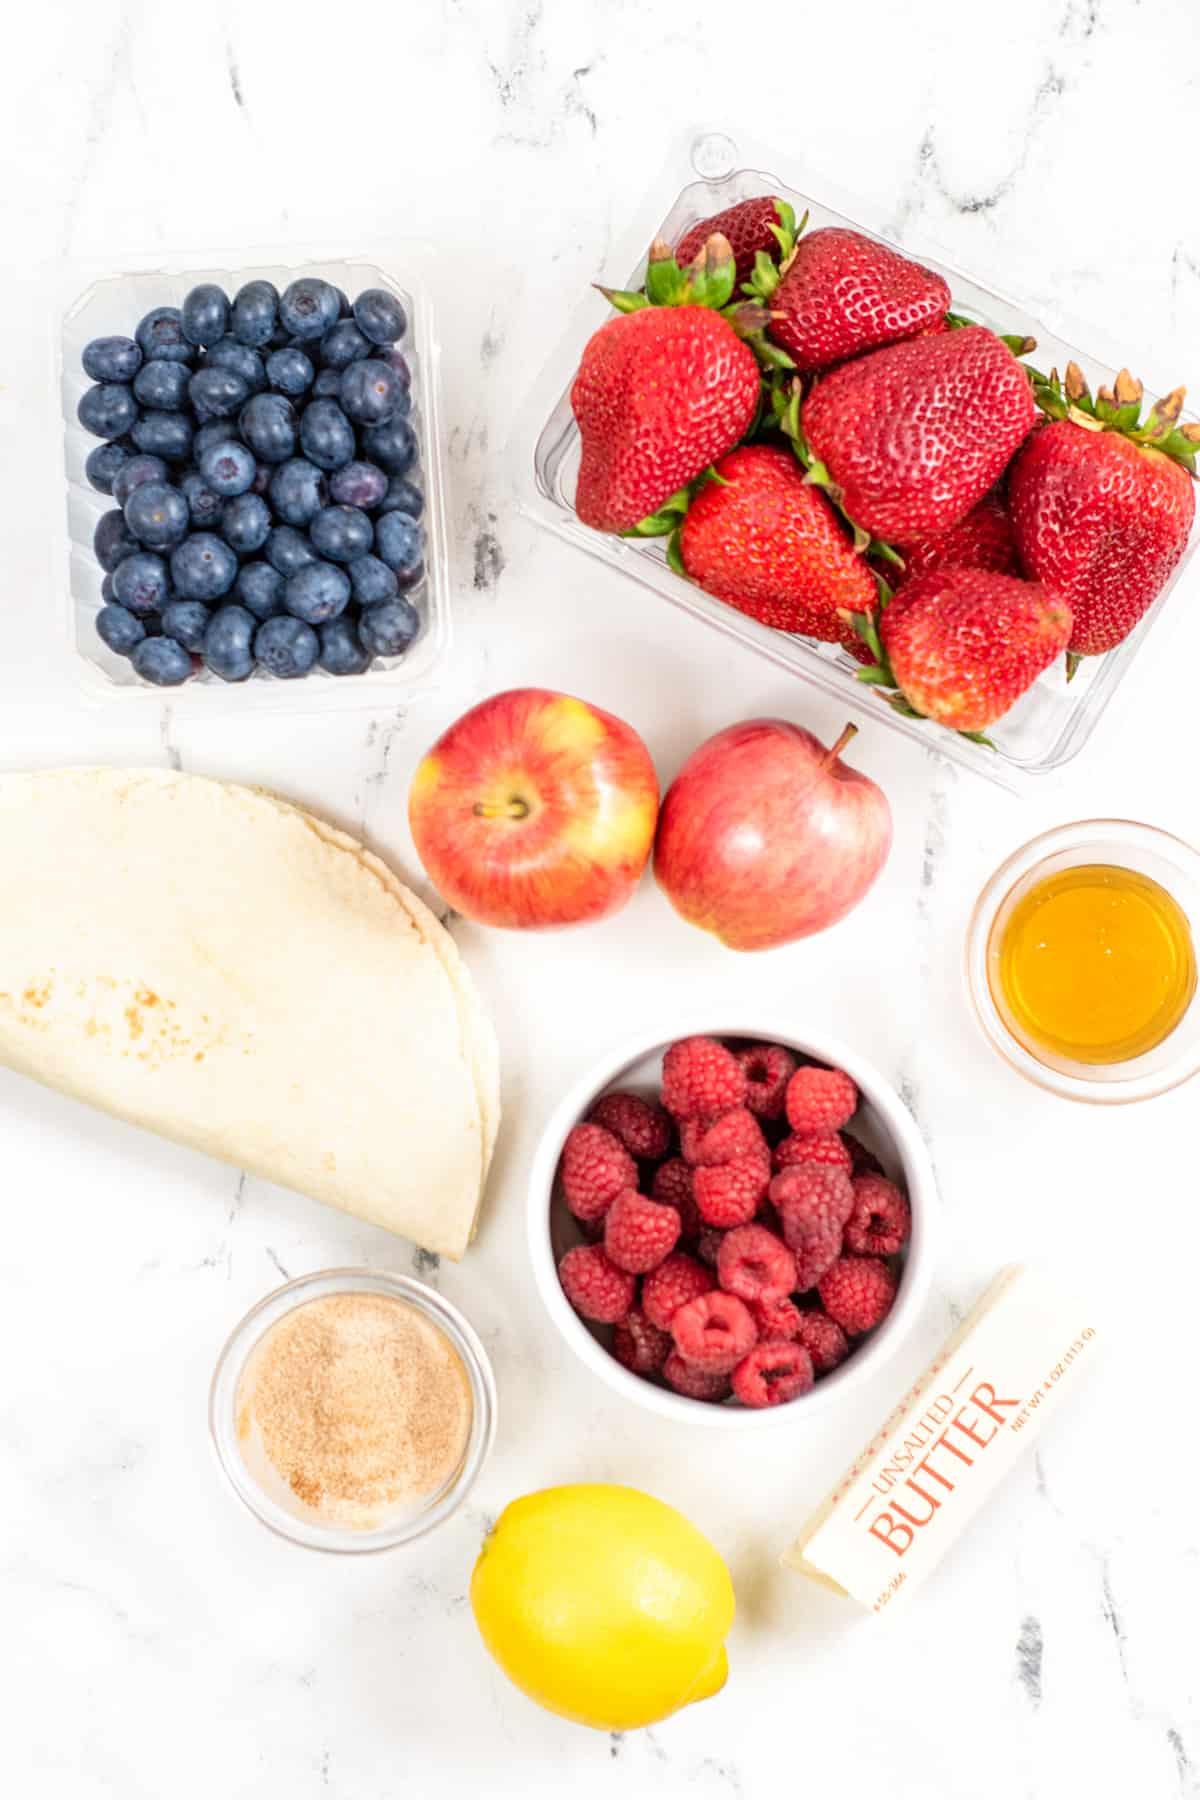 Fruit Salsa Ingredients: pint of blueberries, 16 oz package of strawberries, bowl of raspberries, 2 red apples, lemon juice, tortillas, butter, sugar, and ground cinnamon